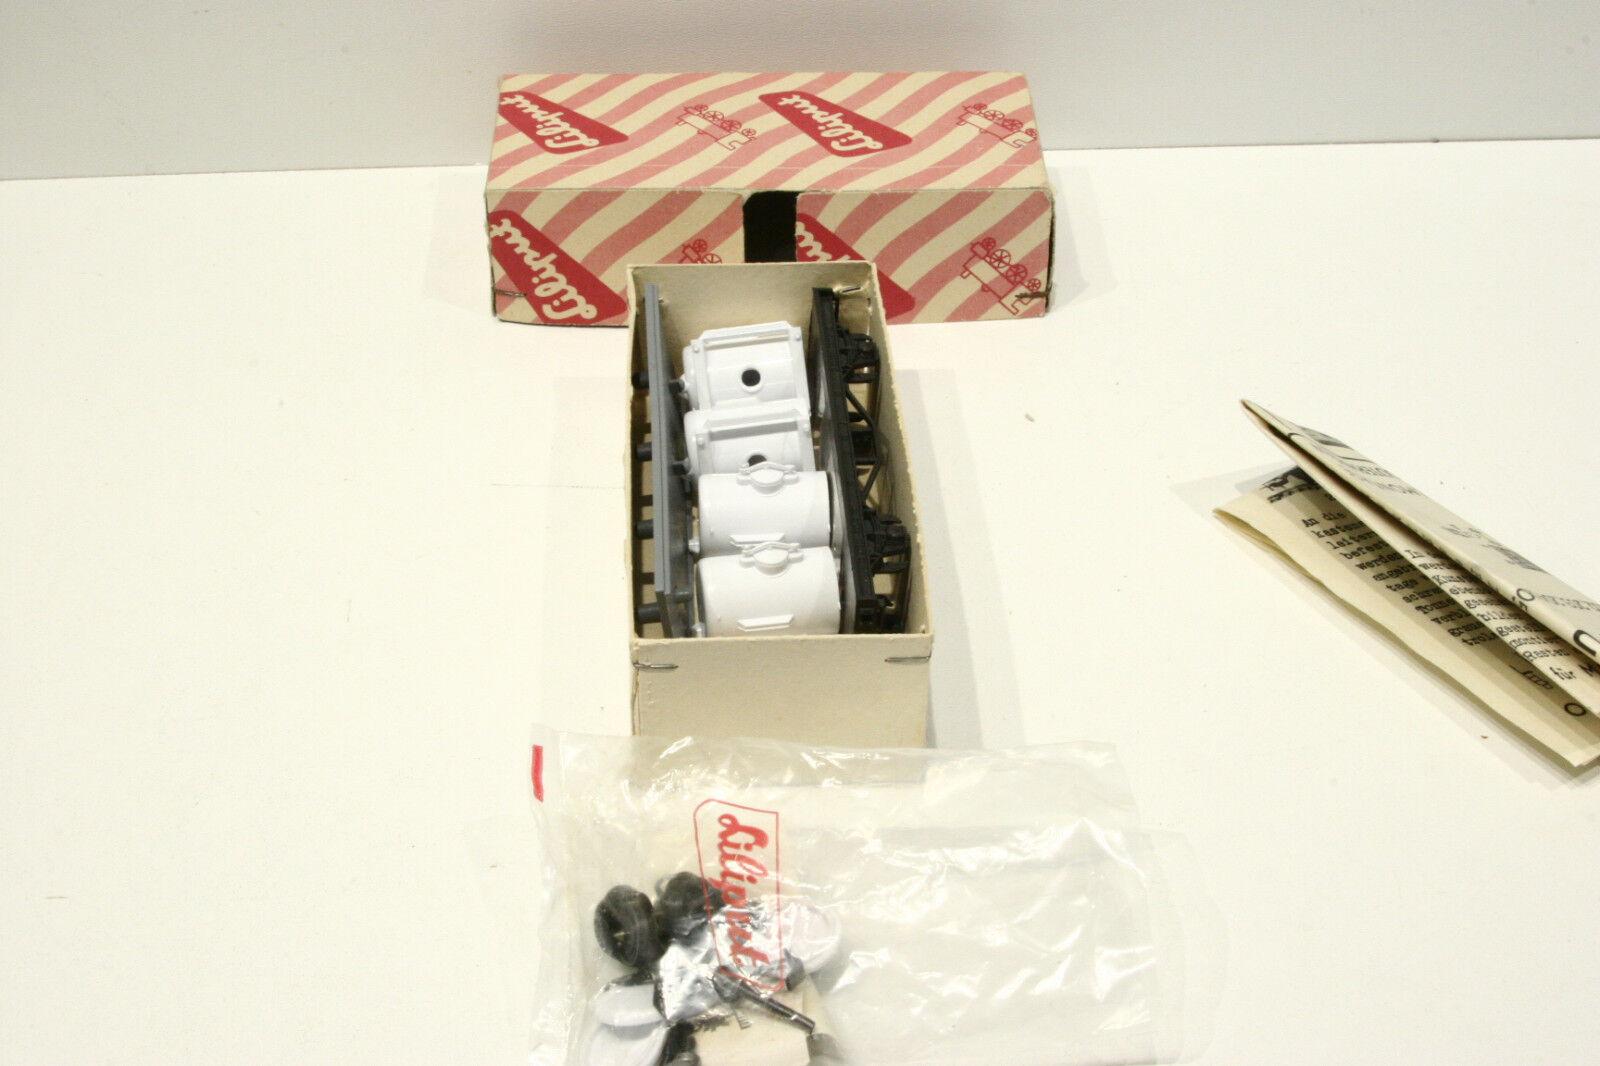 Liliput costruzione modulare, 205 e 221, ungebaut, ungebaut, ungebaut, la scatola originale, 1 istruzioni 058549